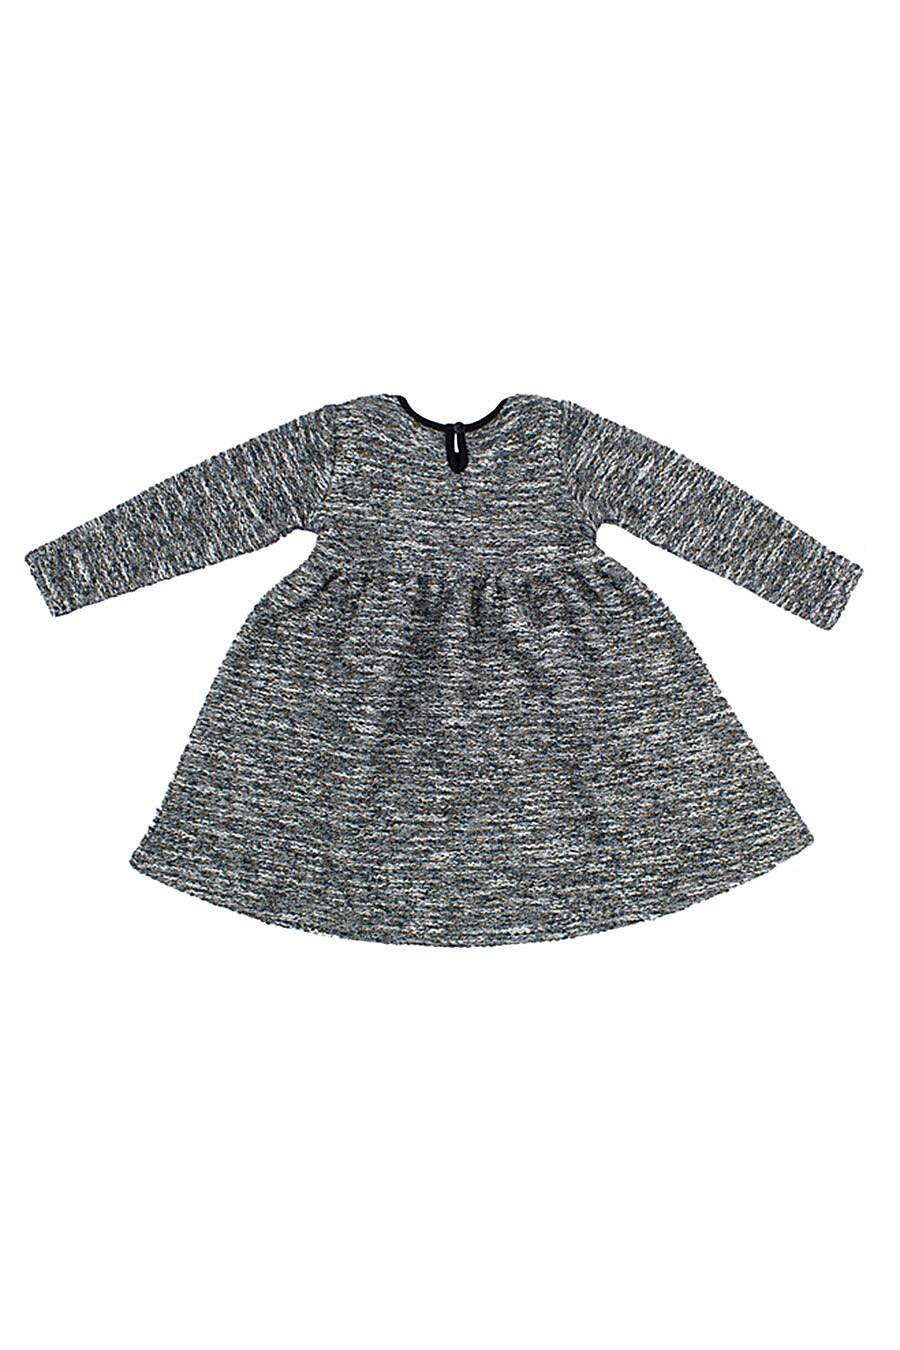 Платье для девочек Archi 130952 купить оптом от производителя. Совместная покупка детской одежды в OptMoyo